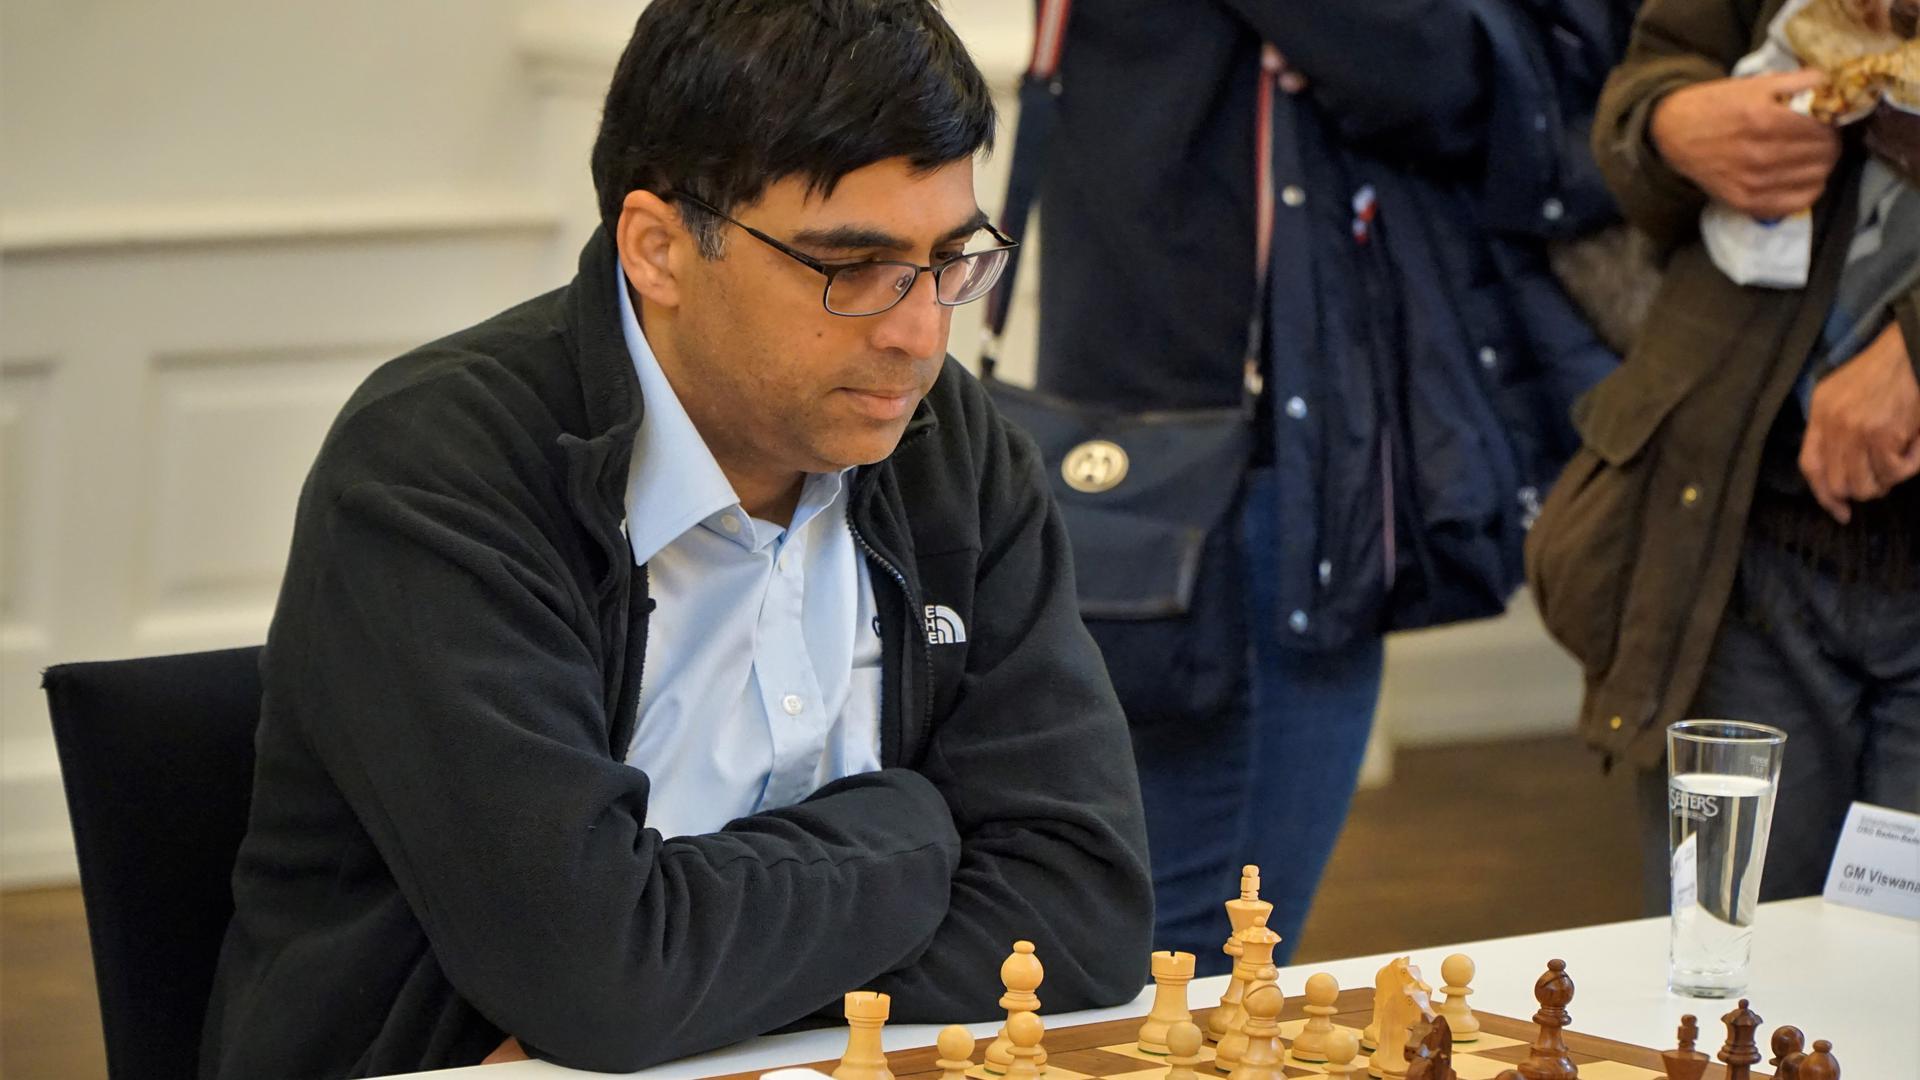 9 Dez 19 Schach Bundesliga Baden Baden Viswanathan Anand 4